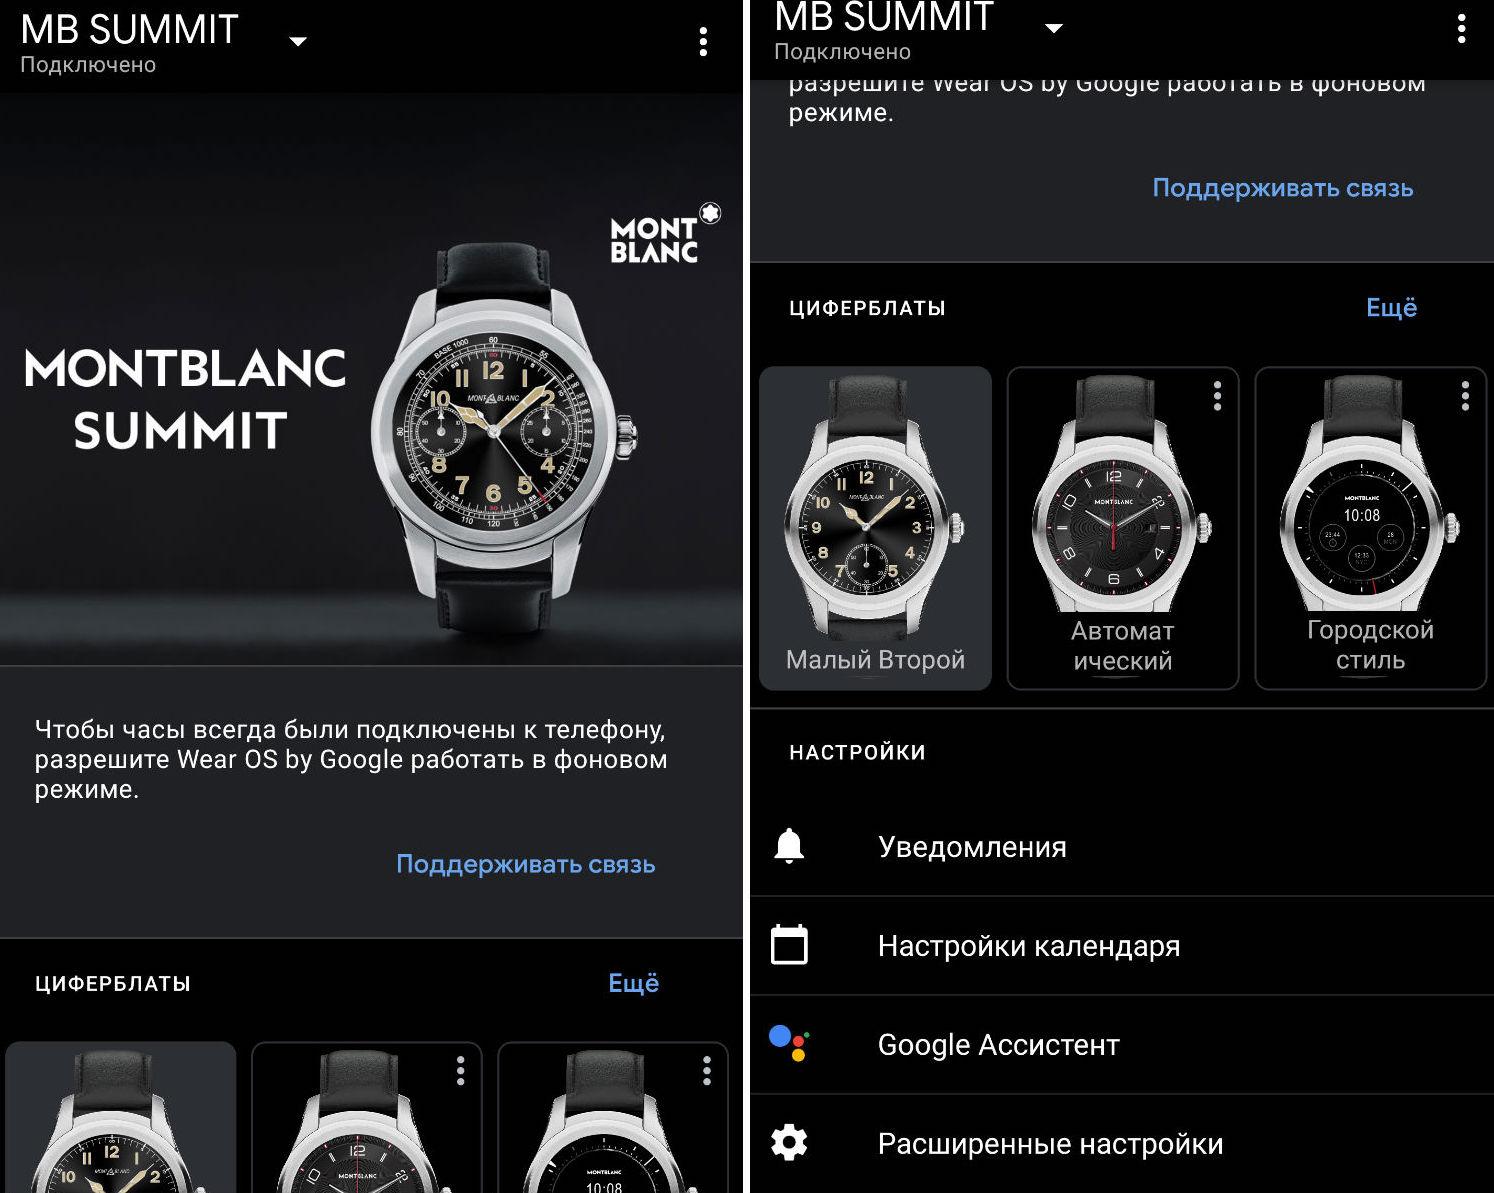 Обзор Montblanc Summit — умные часы премиум-класса с лучшей ценой в категории - 12